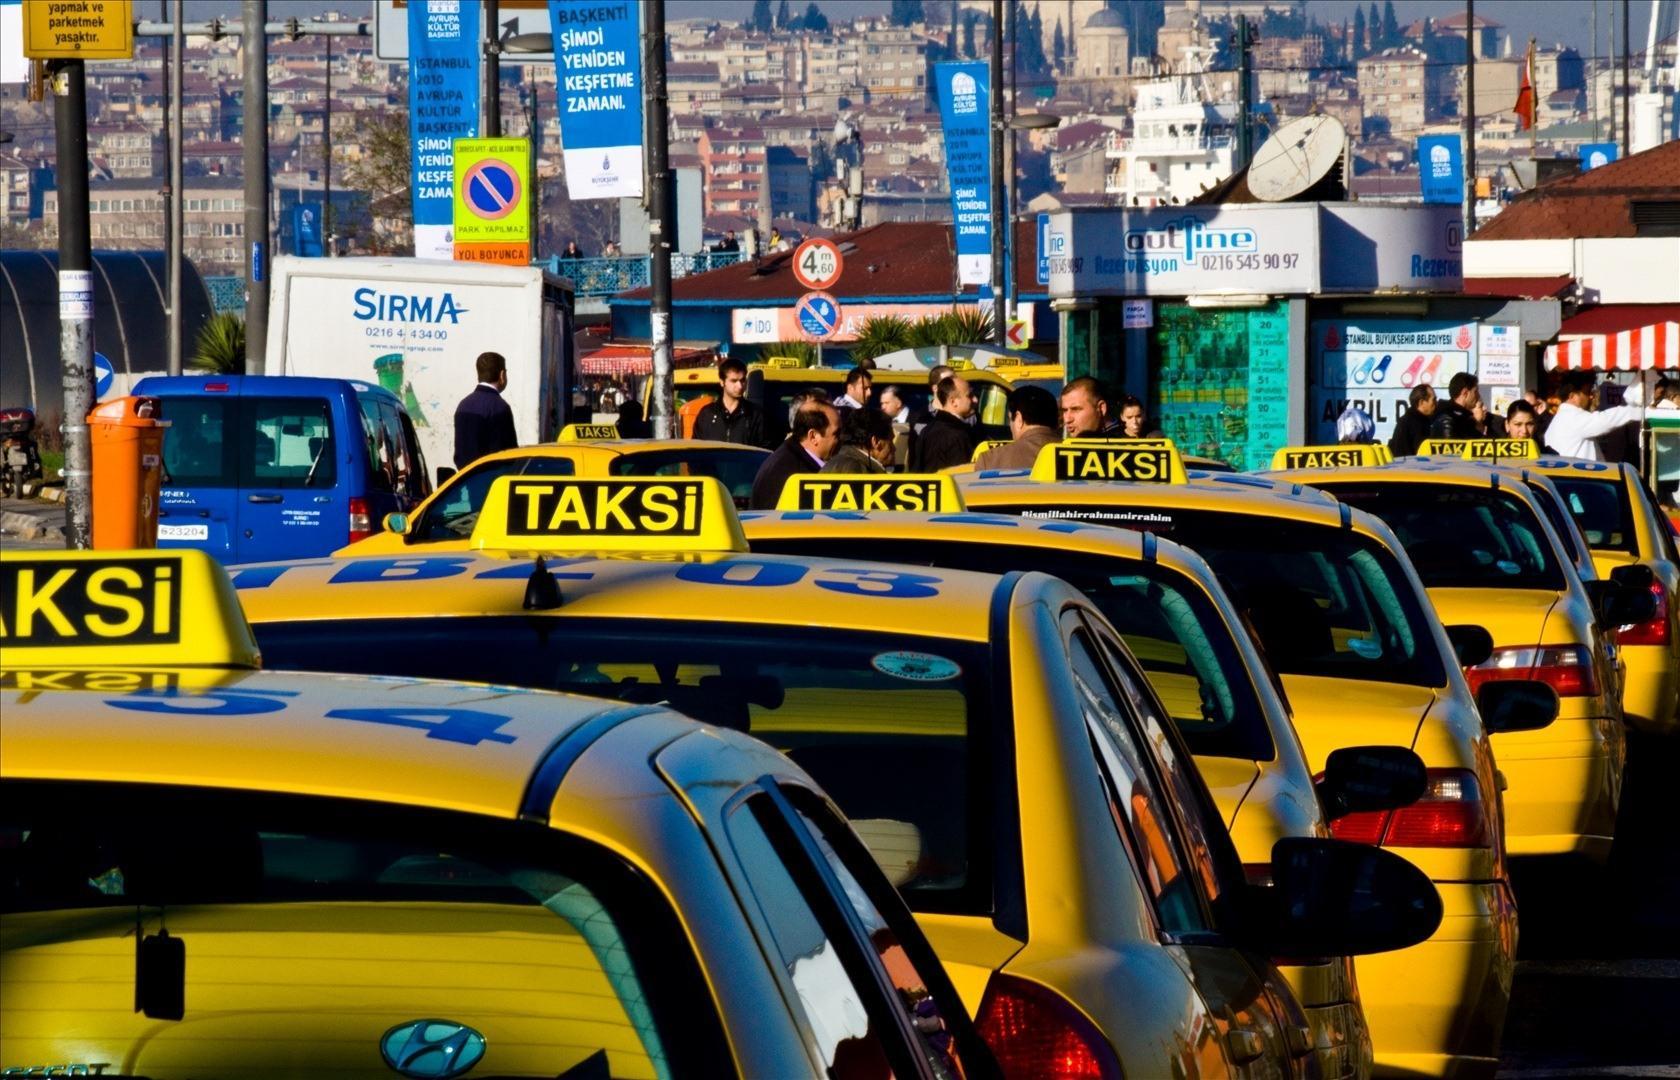 istanbul taksi ile ilgili görsel sonucu